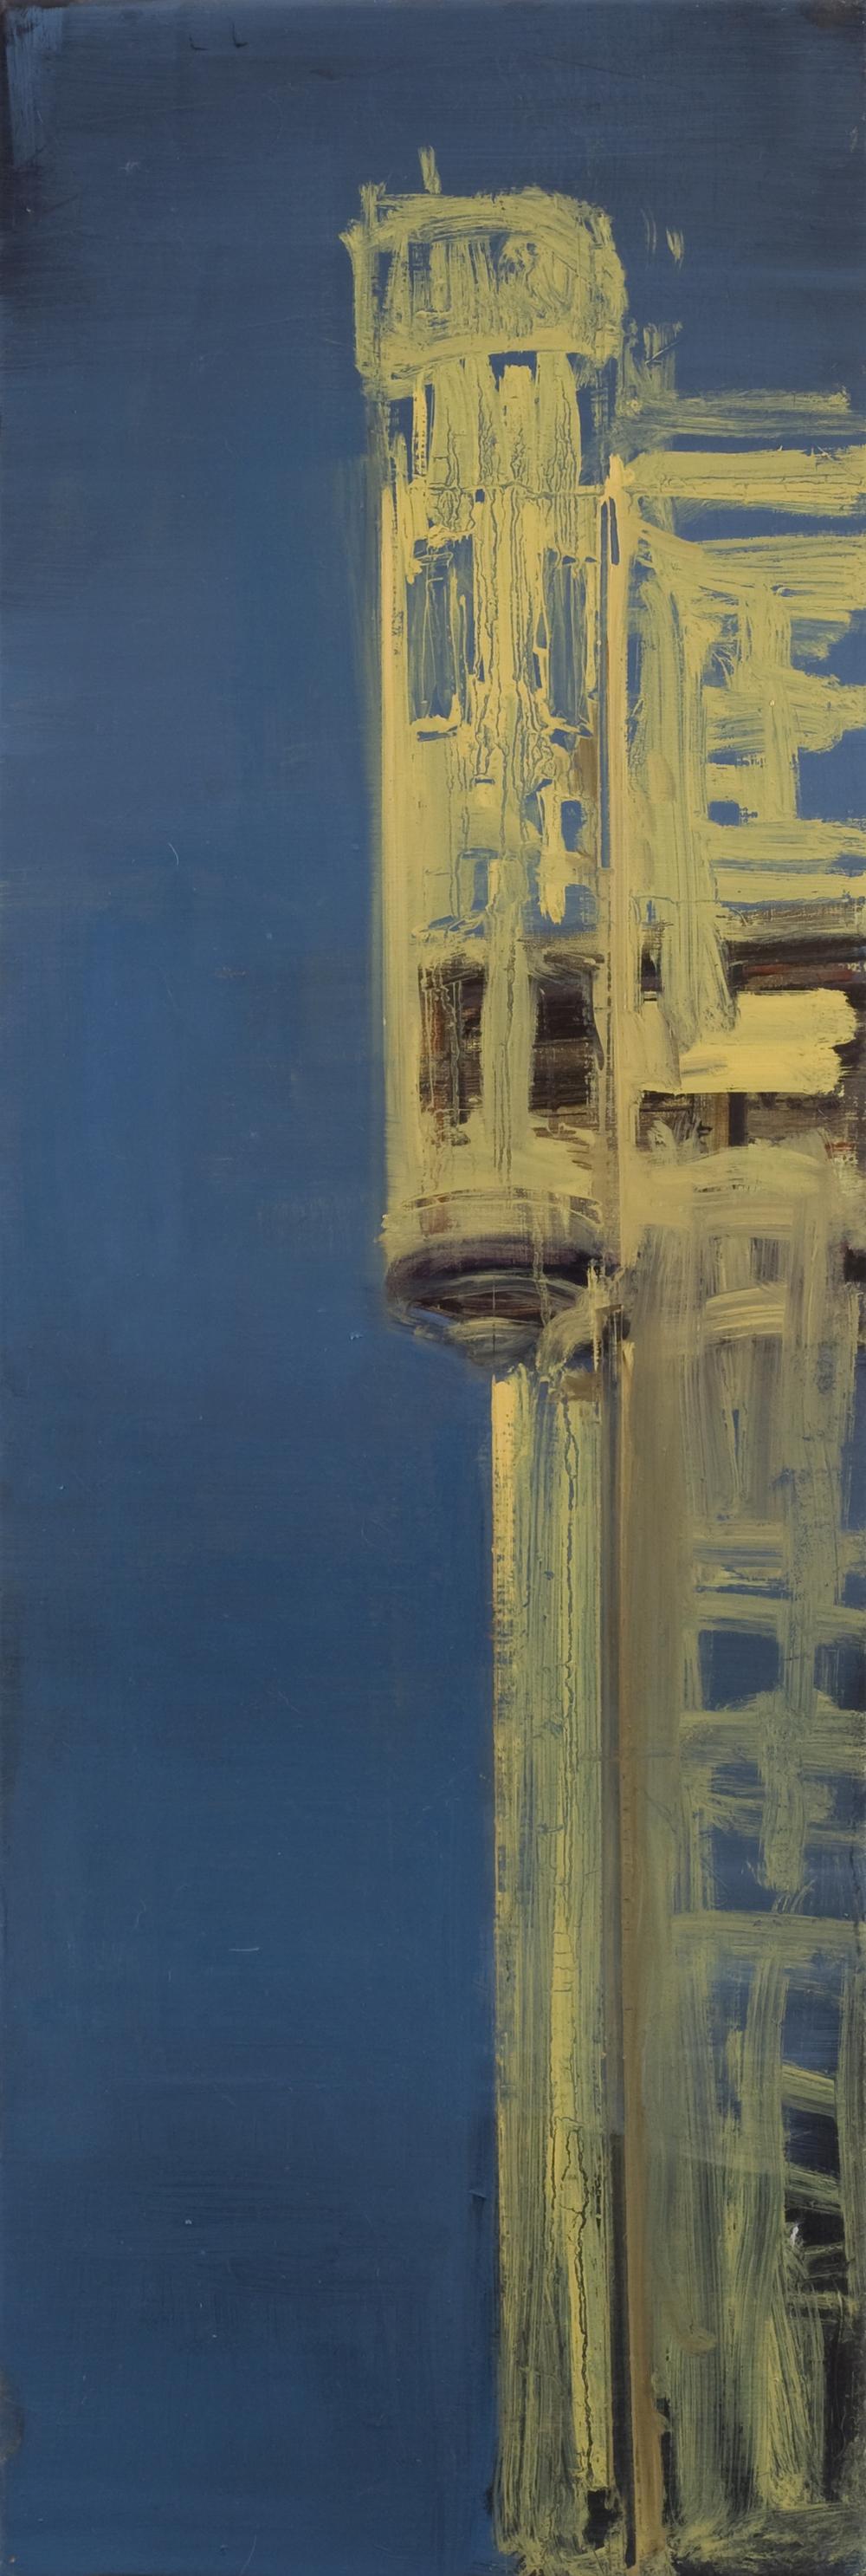 Turret, 2008